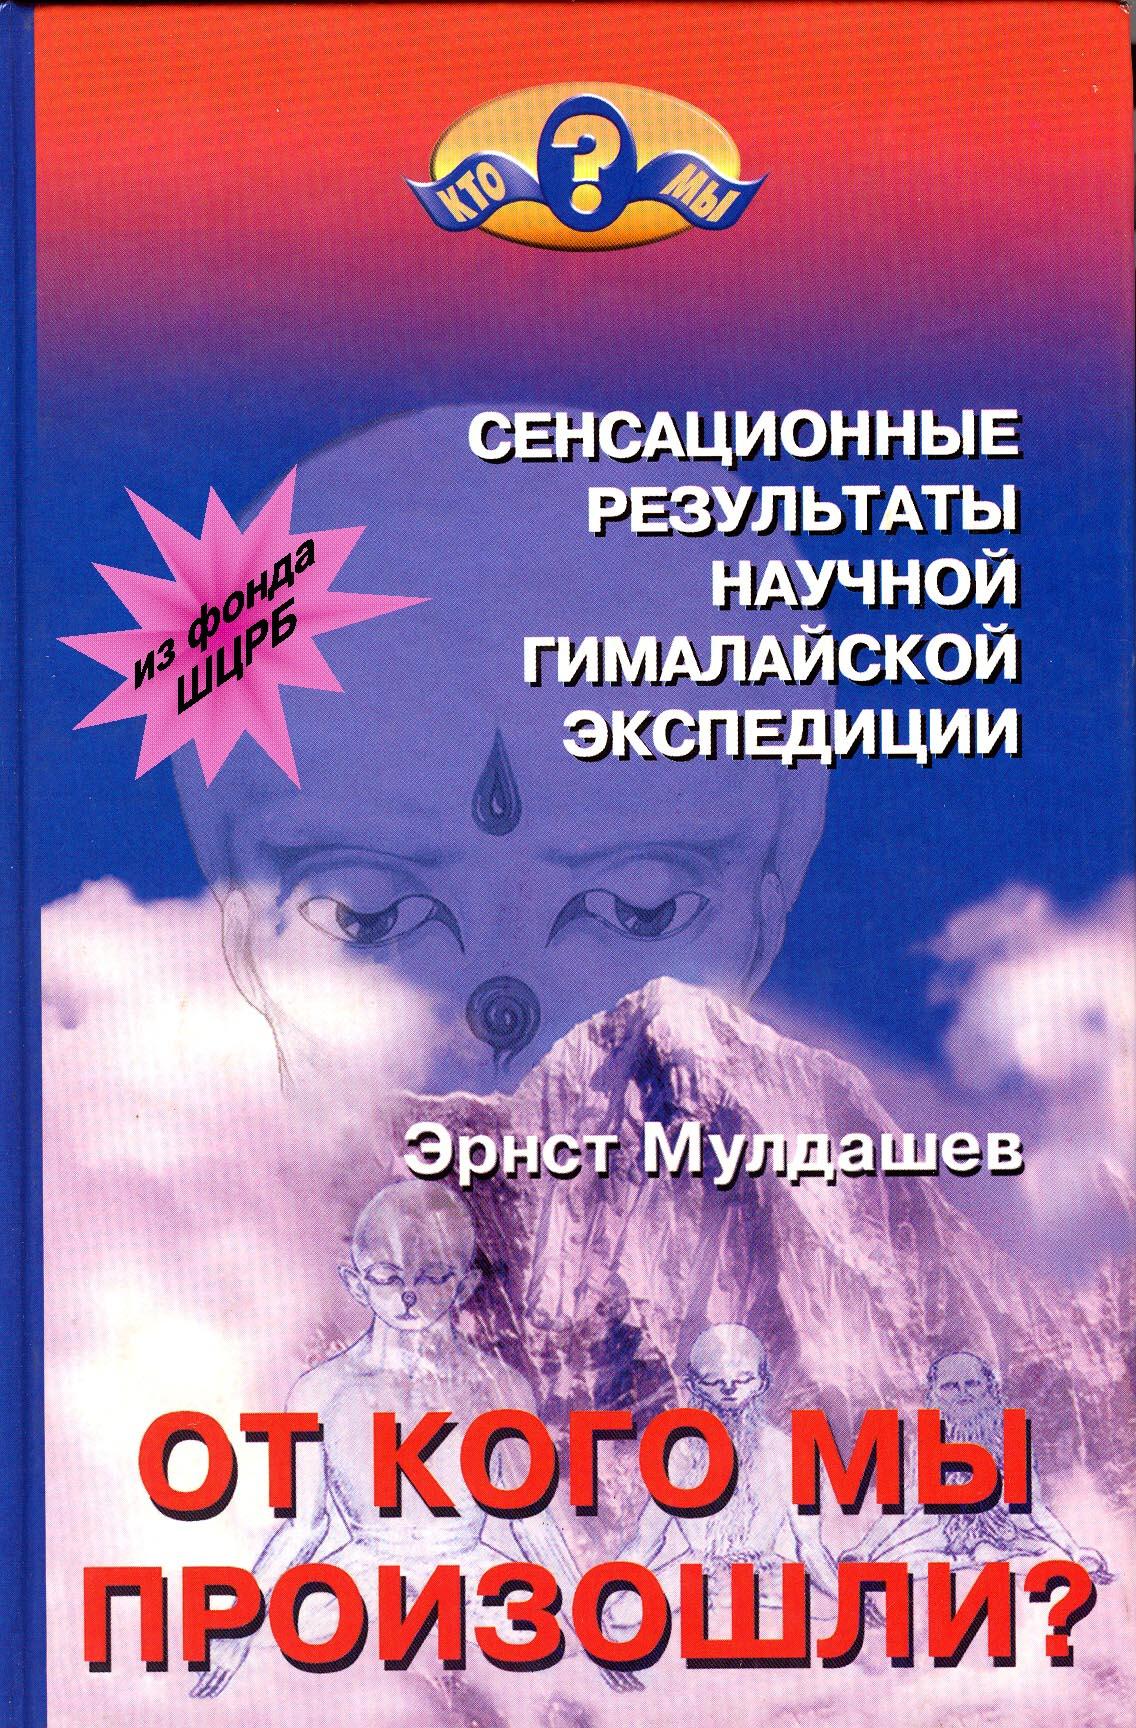 http://s3.uploads.ru/nkBXL.jpg